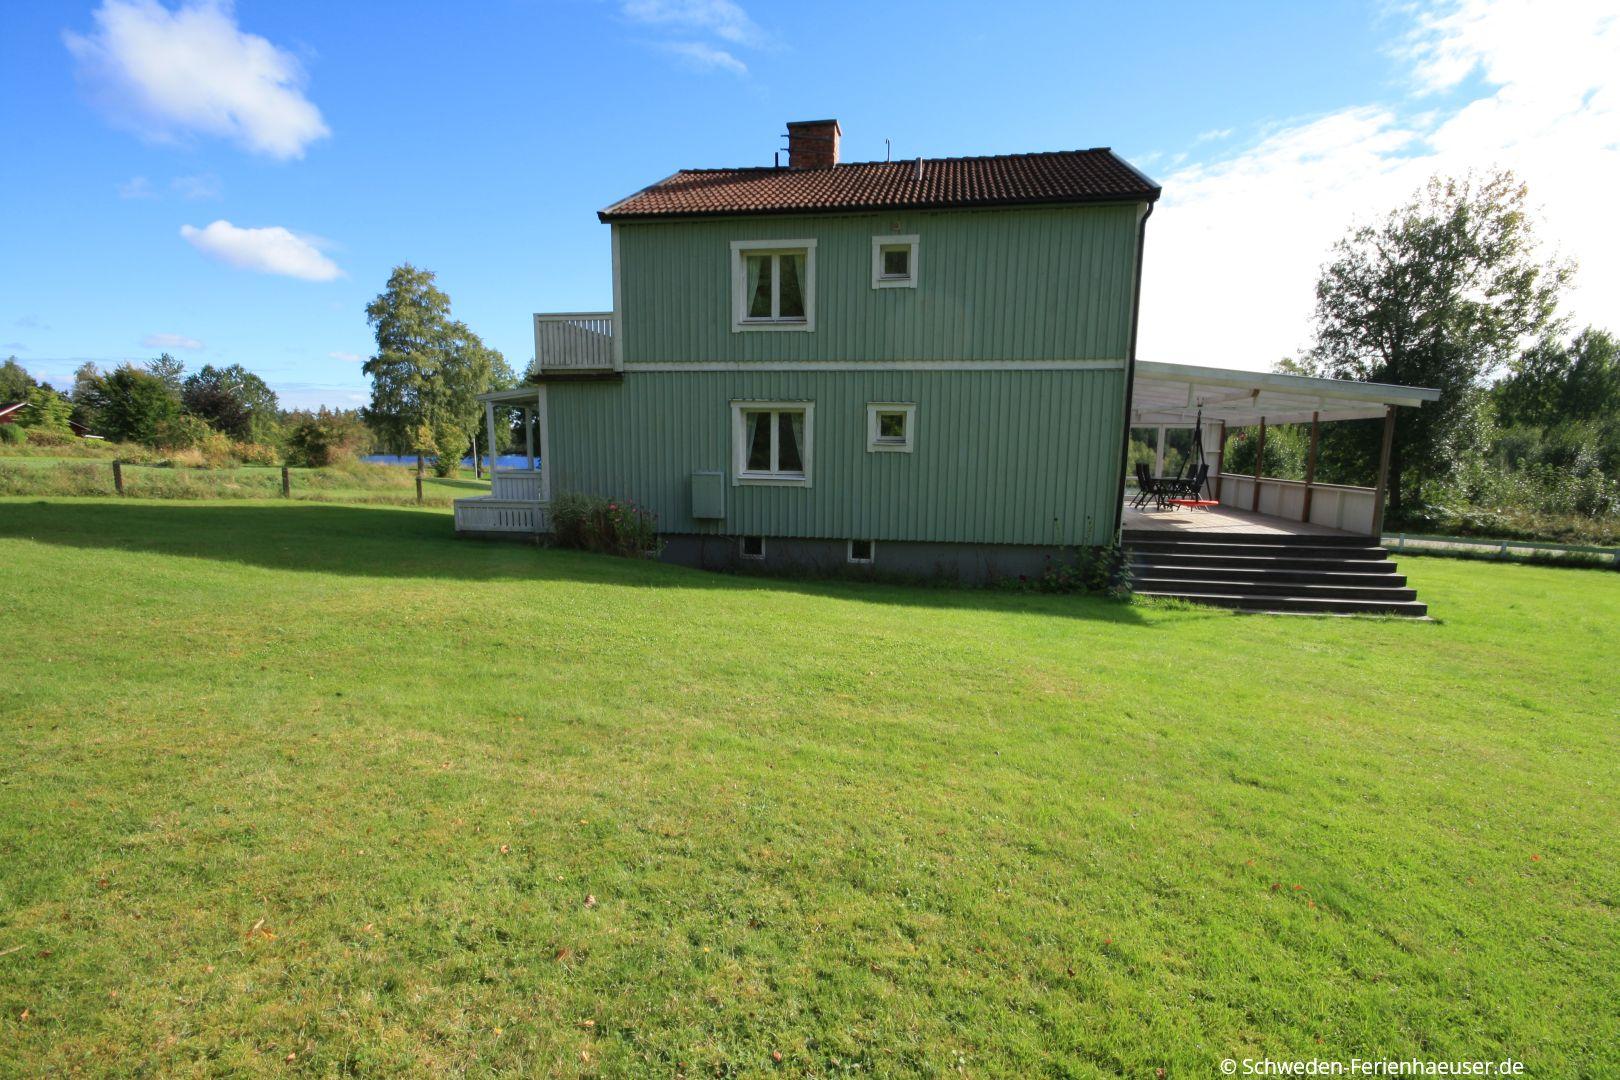 ferienhaus kosta schweden sm land kosta. Black Bedroom Furniture Sets. Home Design Ideas